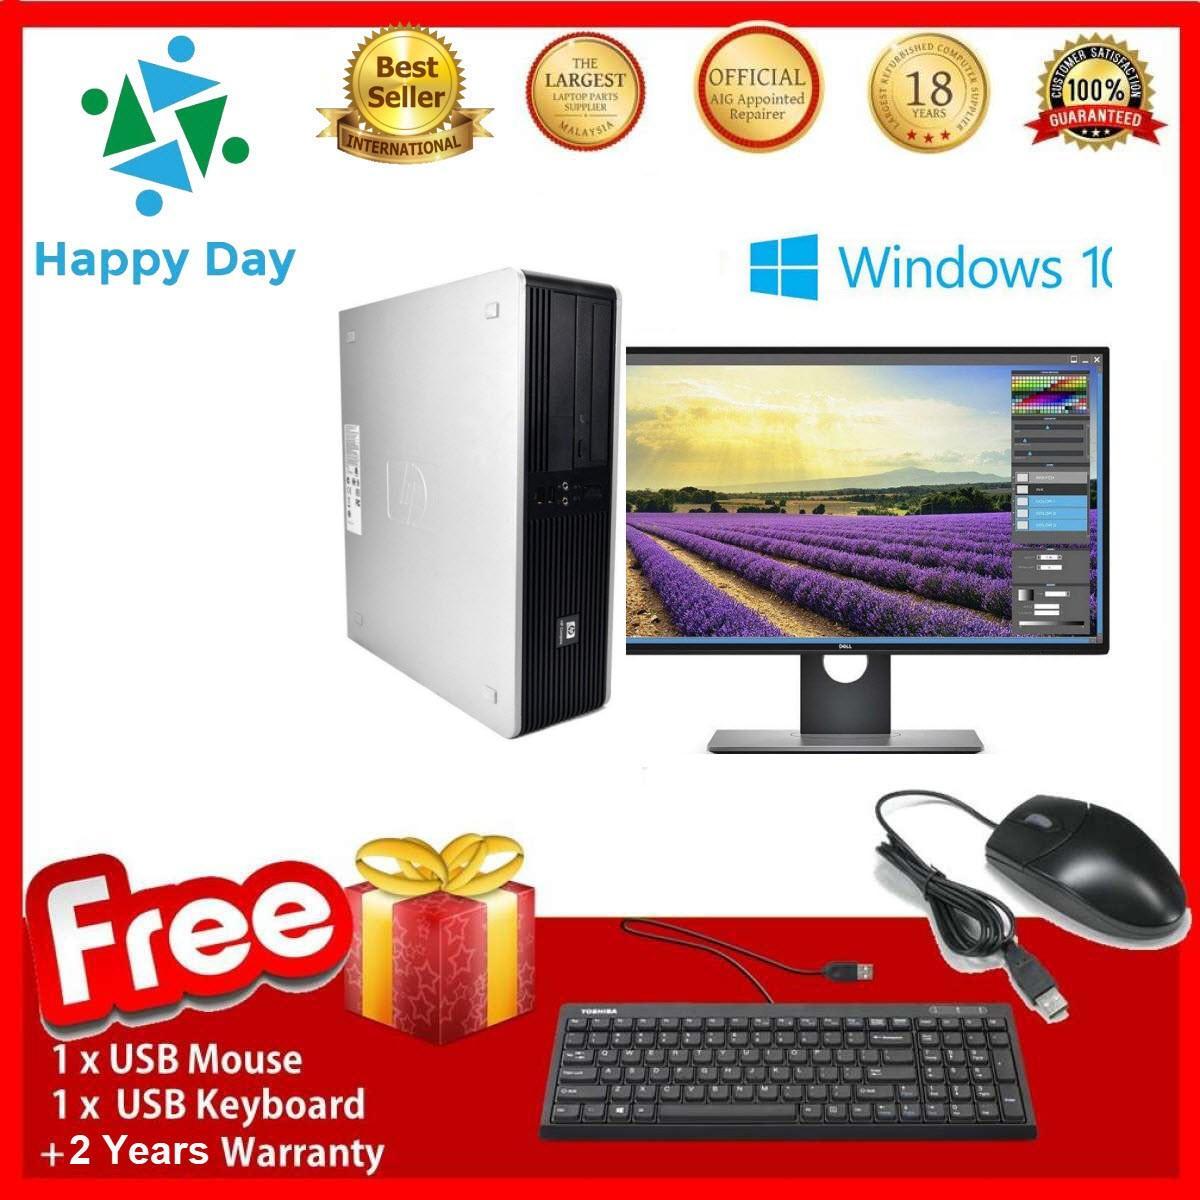 PC dành cho văn phòng HP DC 5800 SFF + LCD Dell 24inch Full HD (CPU Core 2 Quad Q6600- Ram 8GB- HDD 1TB) + Bộ Quà Tặng